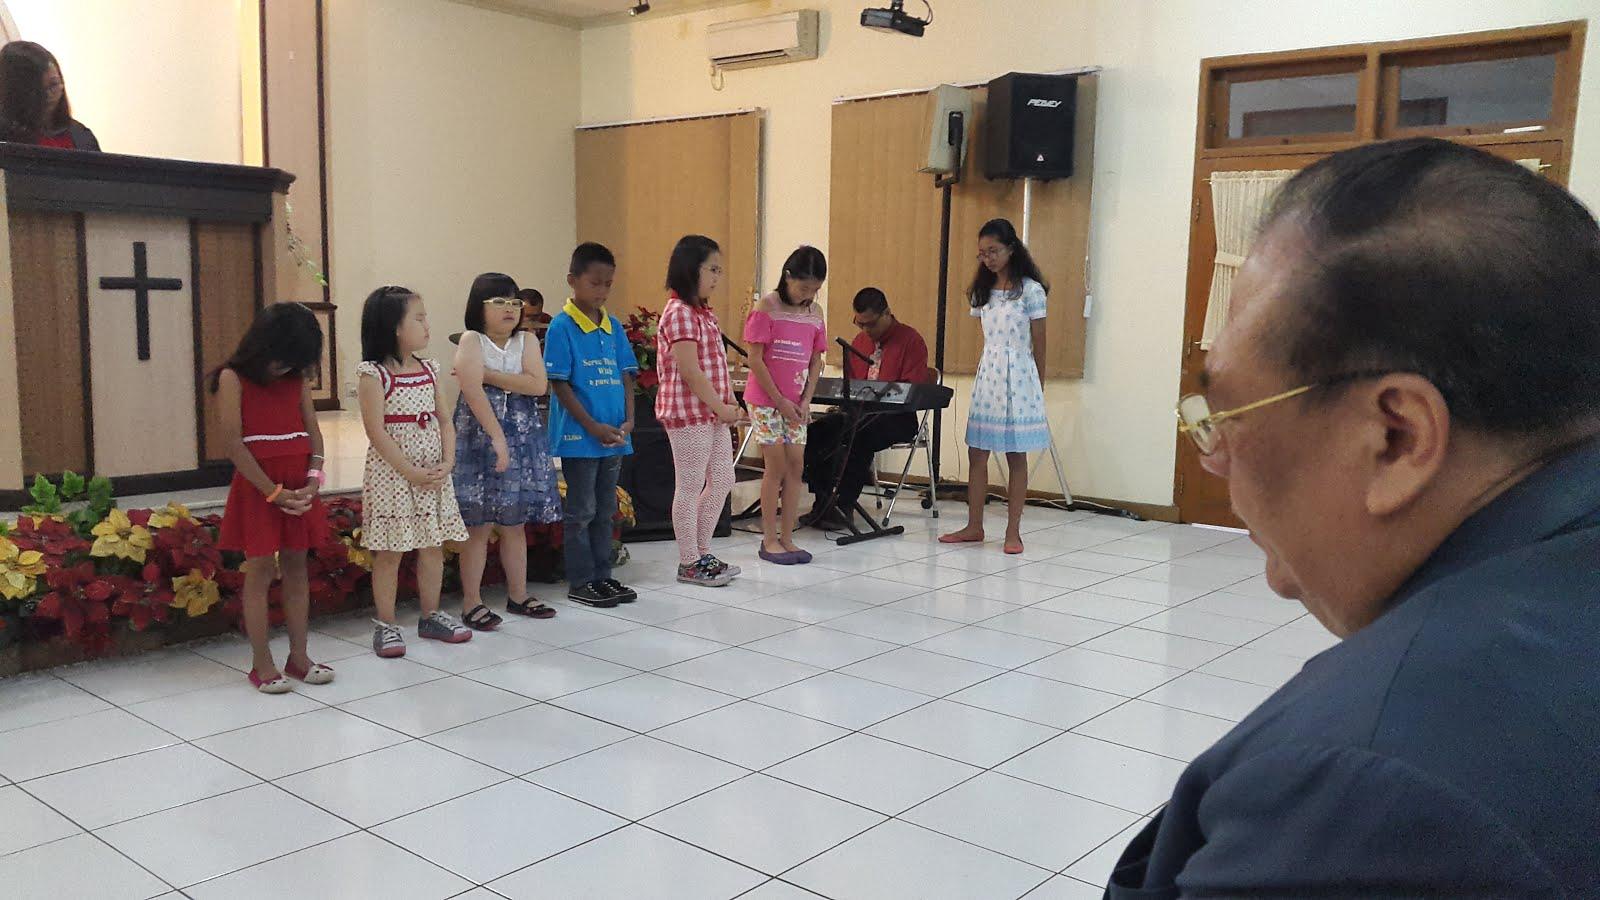 Diberkatilah Anak-Anak Sekolah Minggu